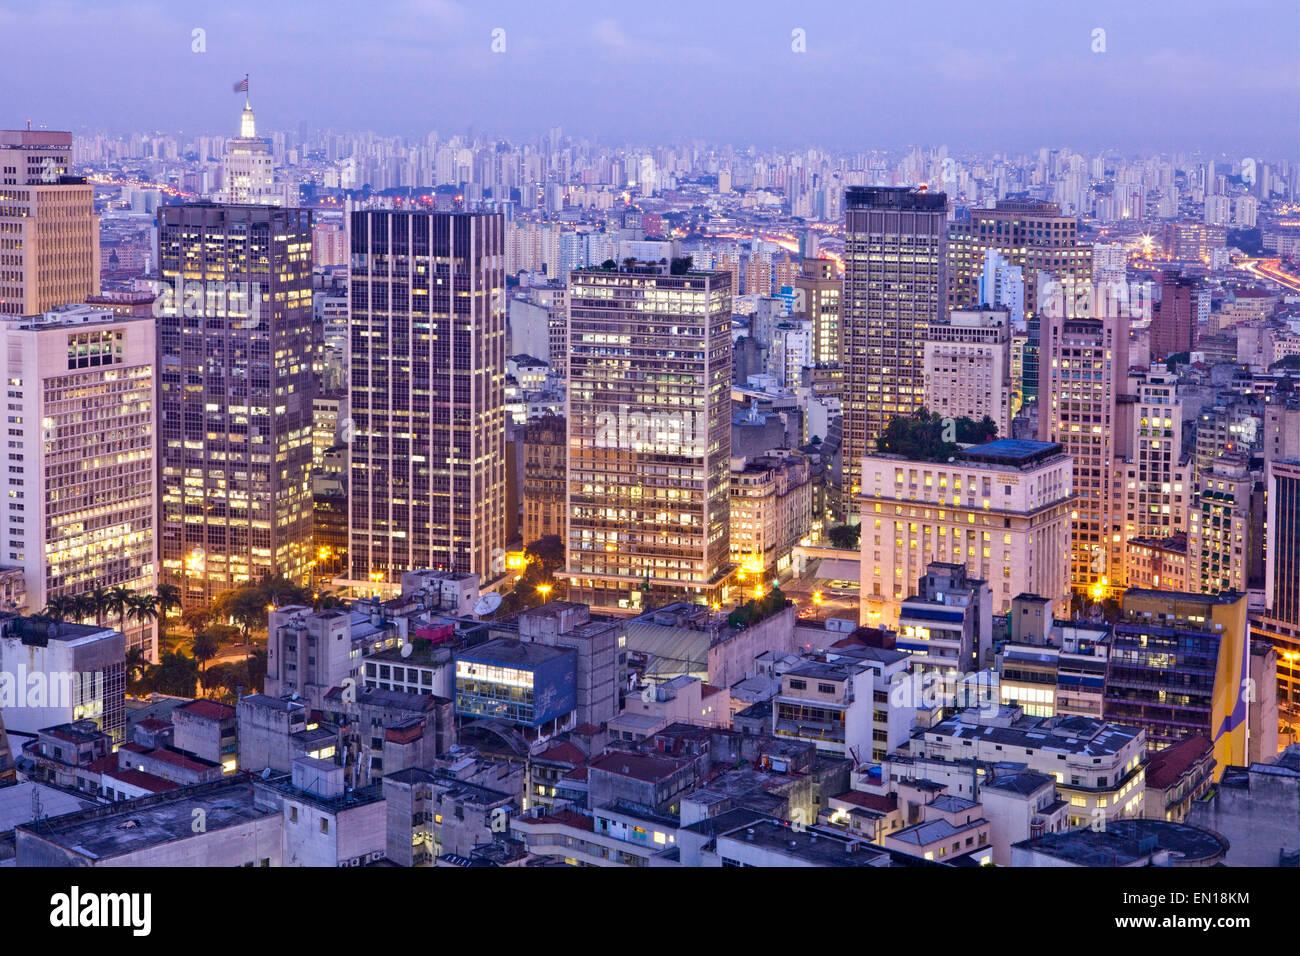 Geografia/travel, Americhe, Sud America, Brasile, Sao Paulo, centro città da Immagini Stock